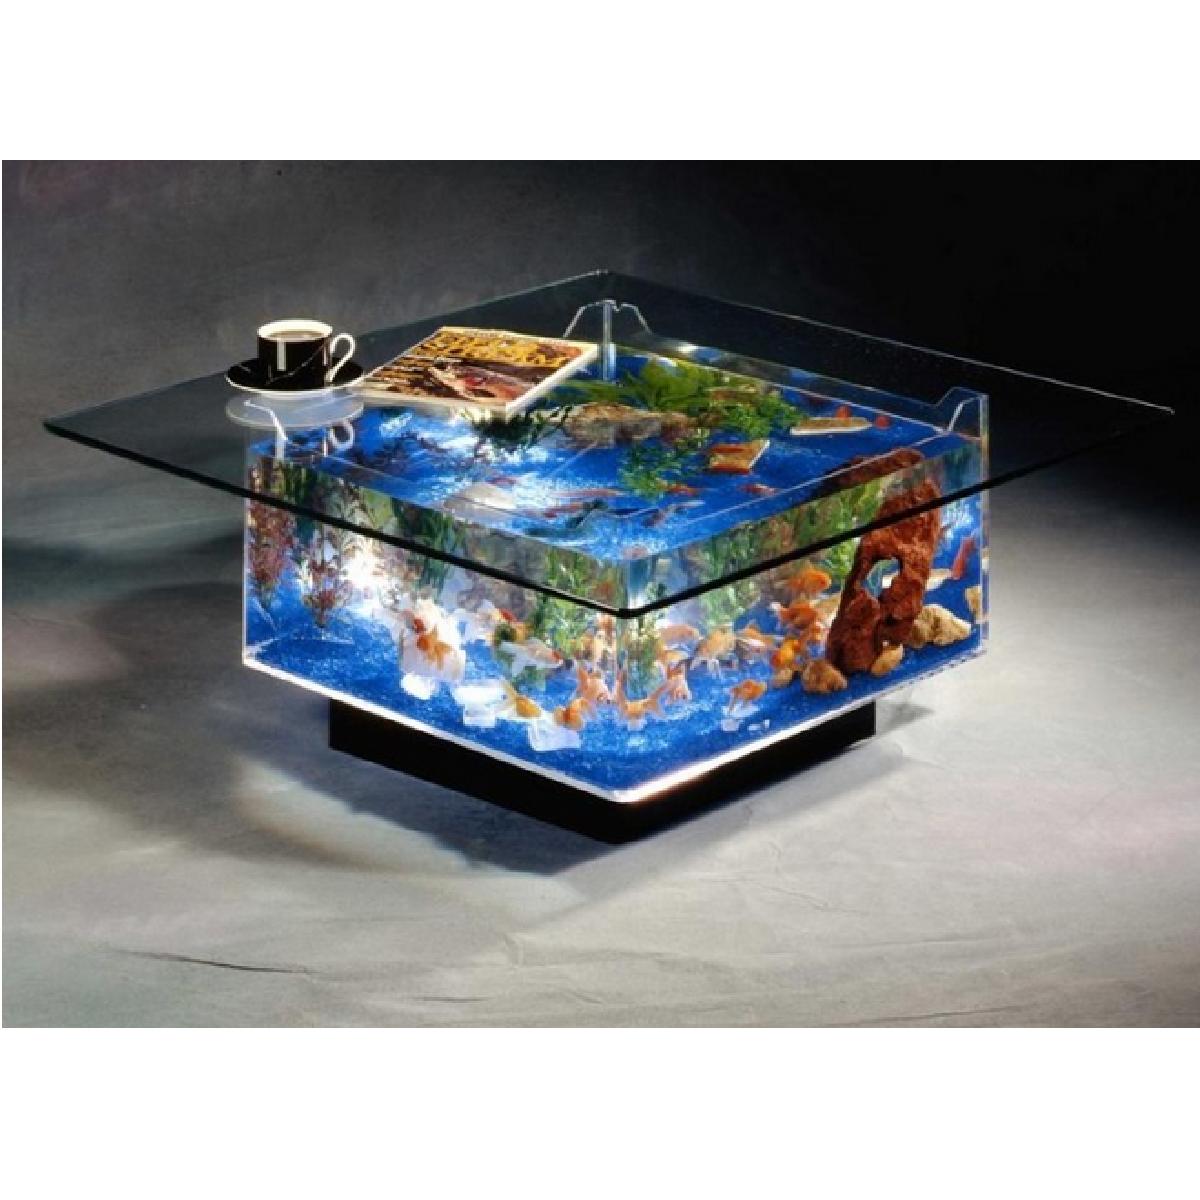 Cadeaux 2 ouf id es de cadeaux insolites et originaux for Aquarium de salon